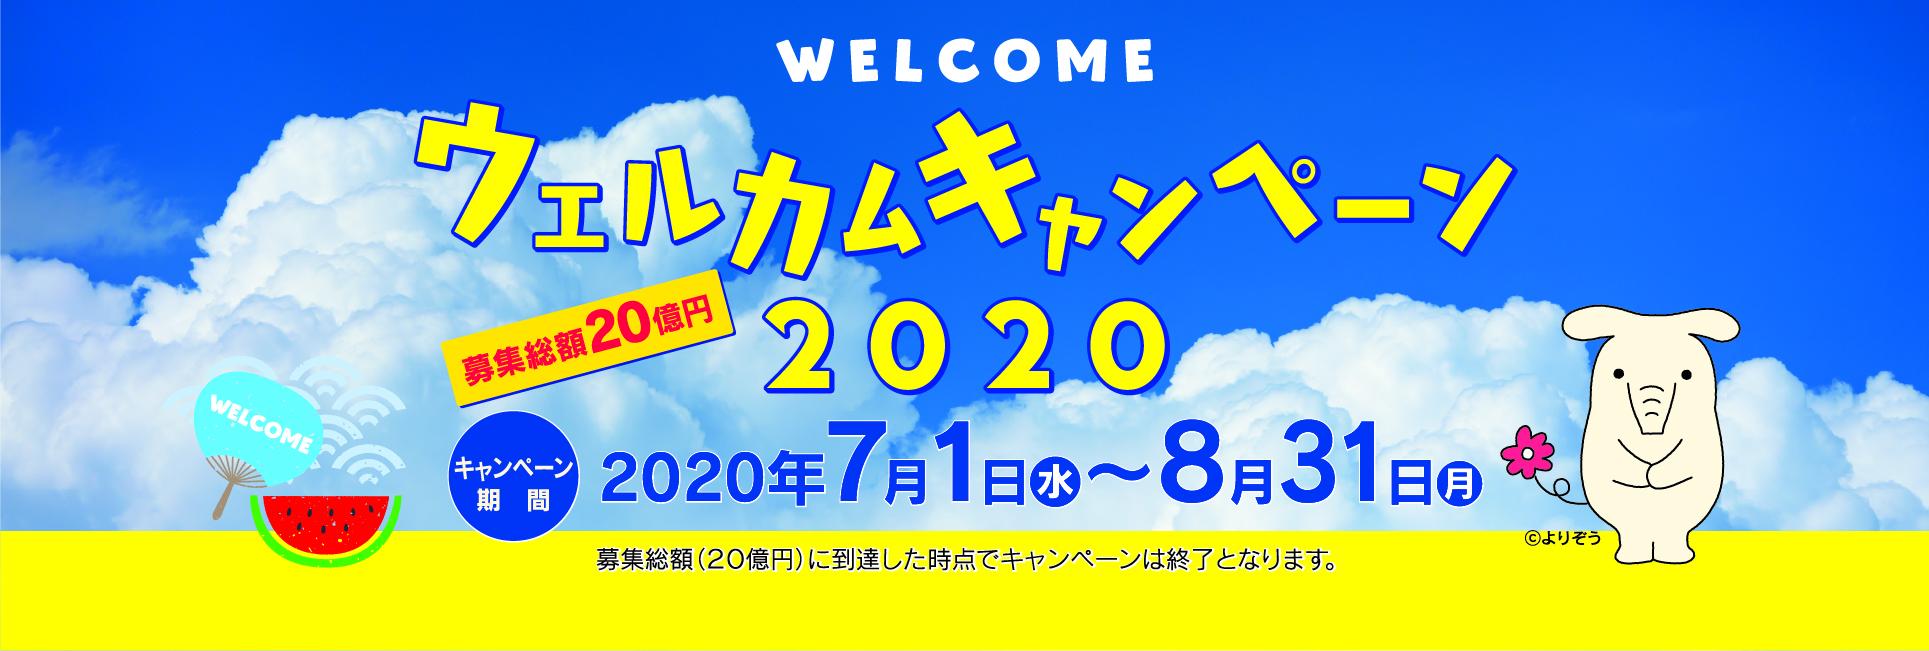 ウェルカムキャンペーン2020